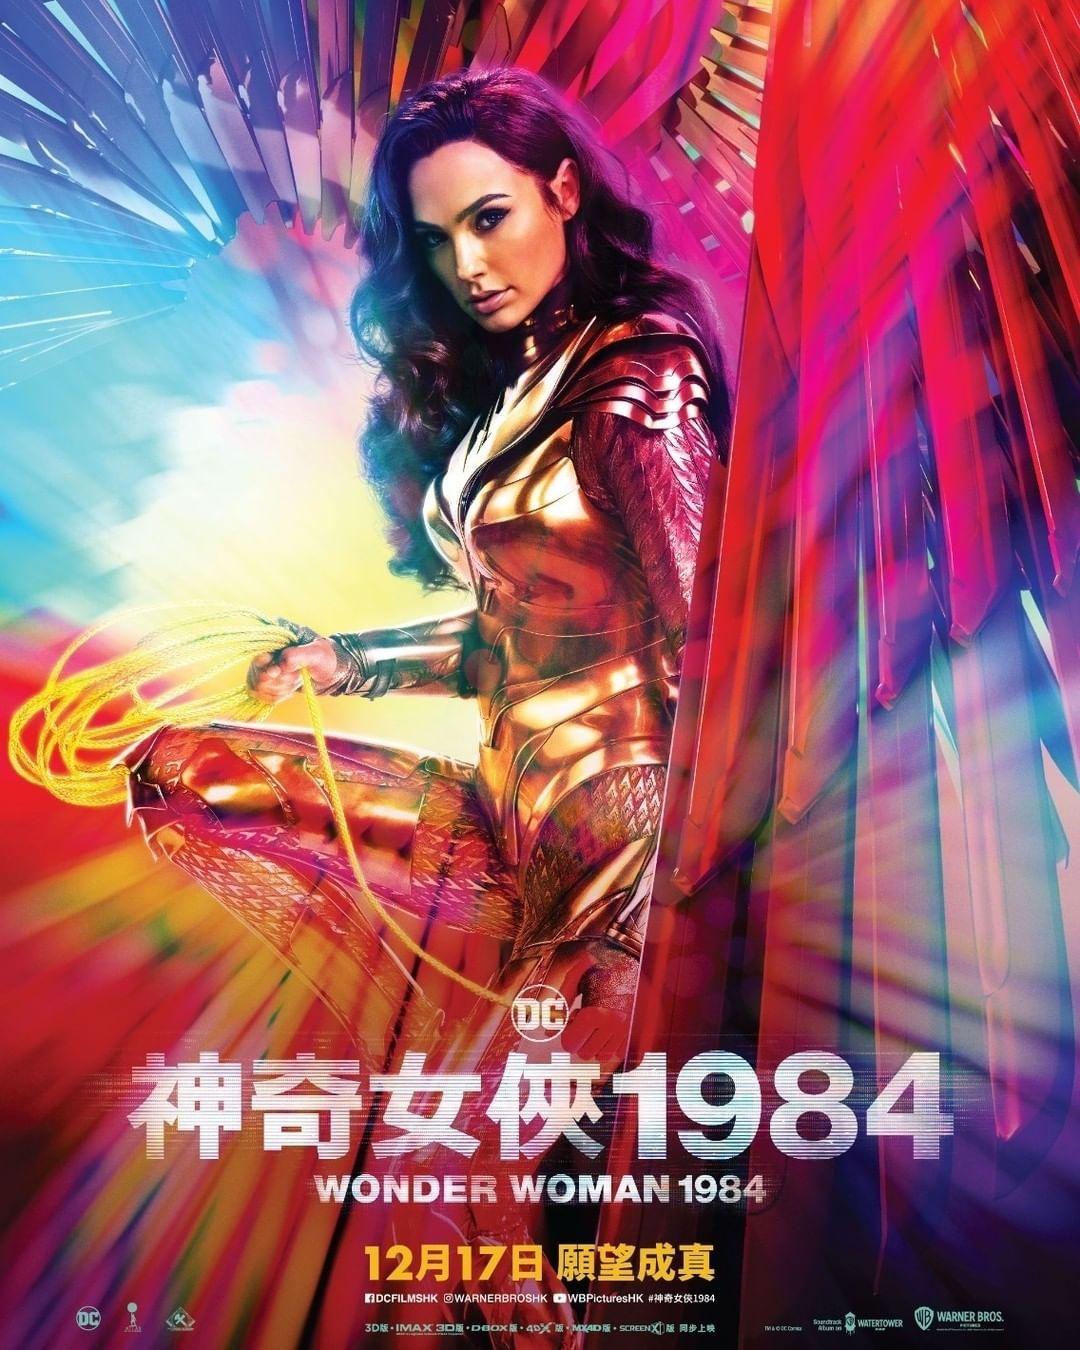 神奇女侠1984香港定档,比北美还早8天,网友:内地快安排